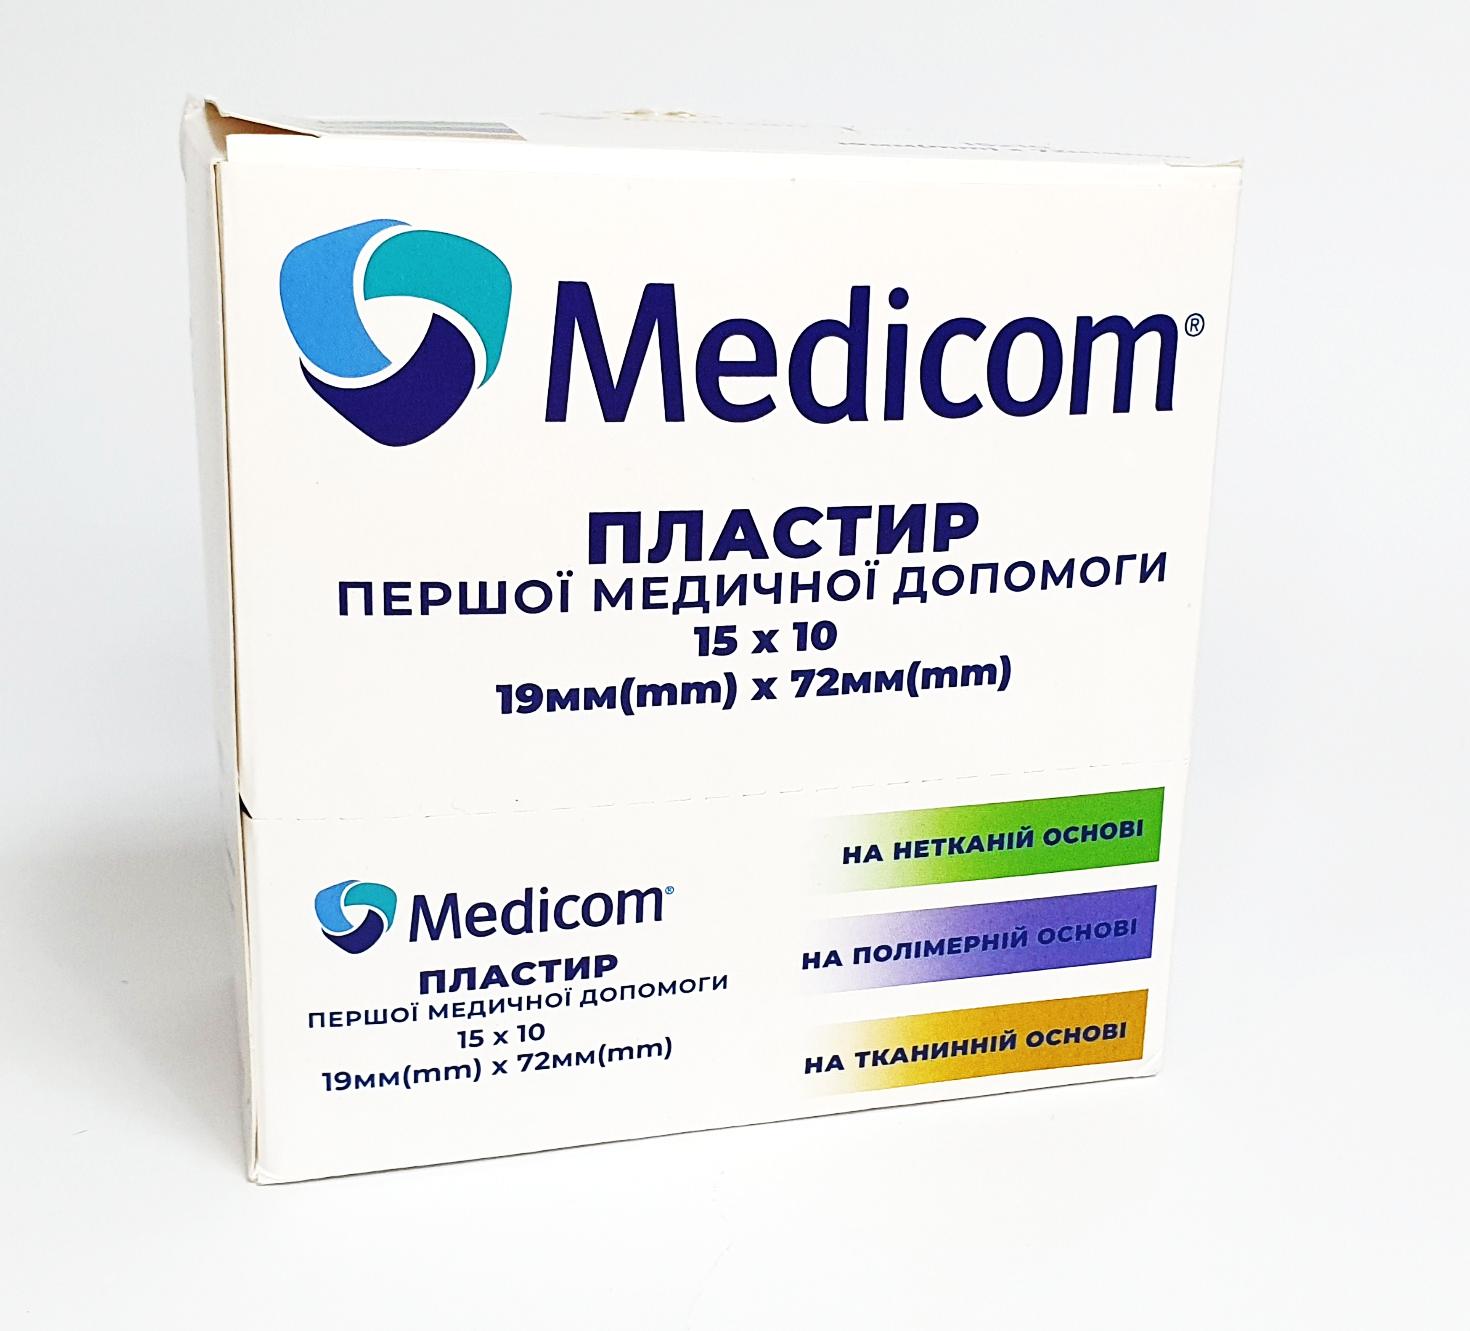 Пластир першої медичної допомоги